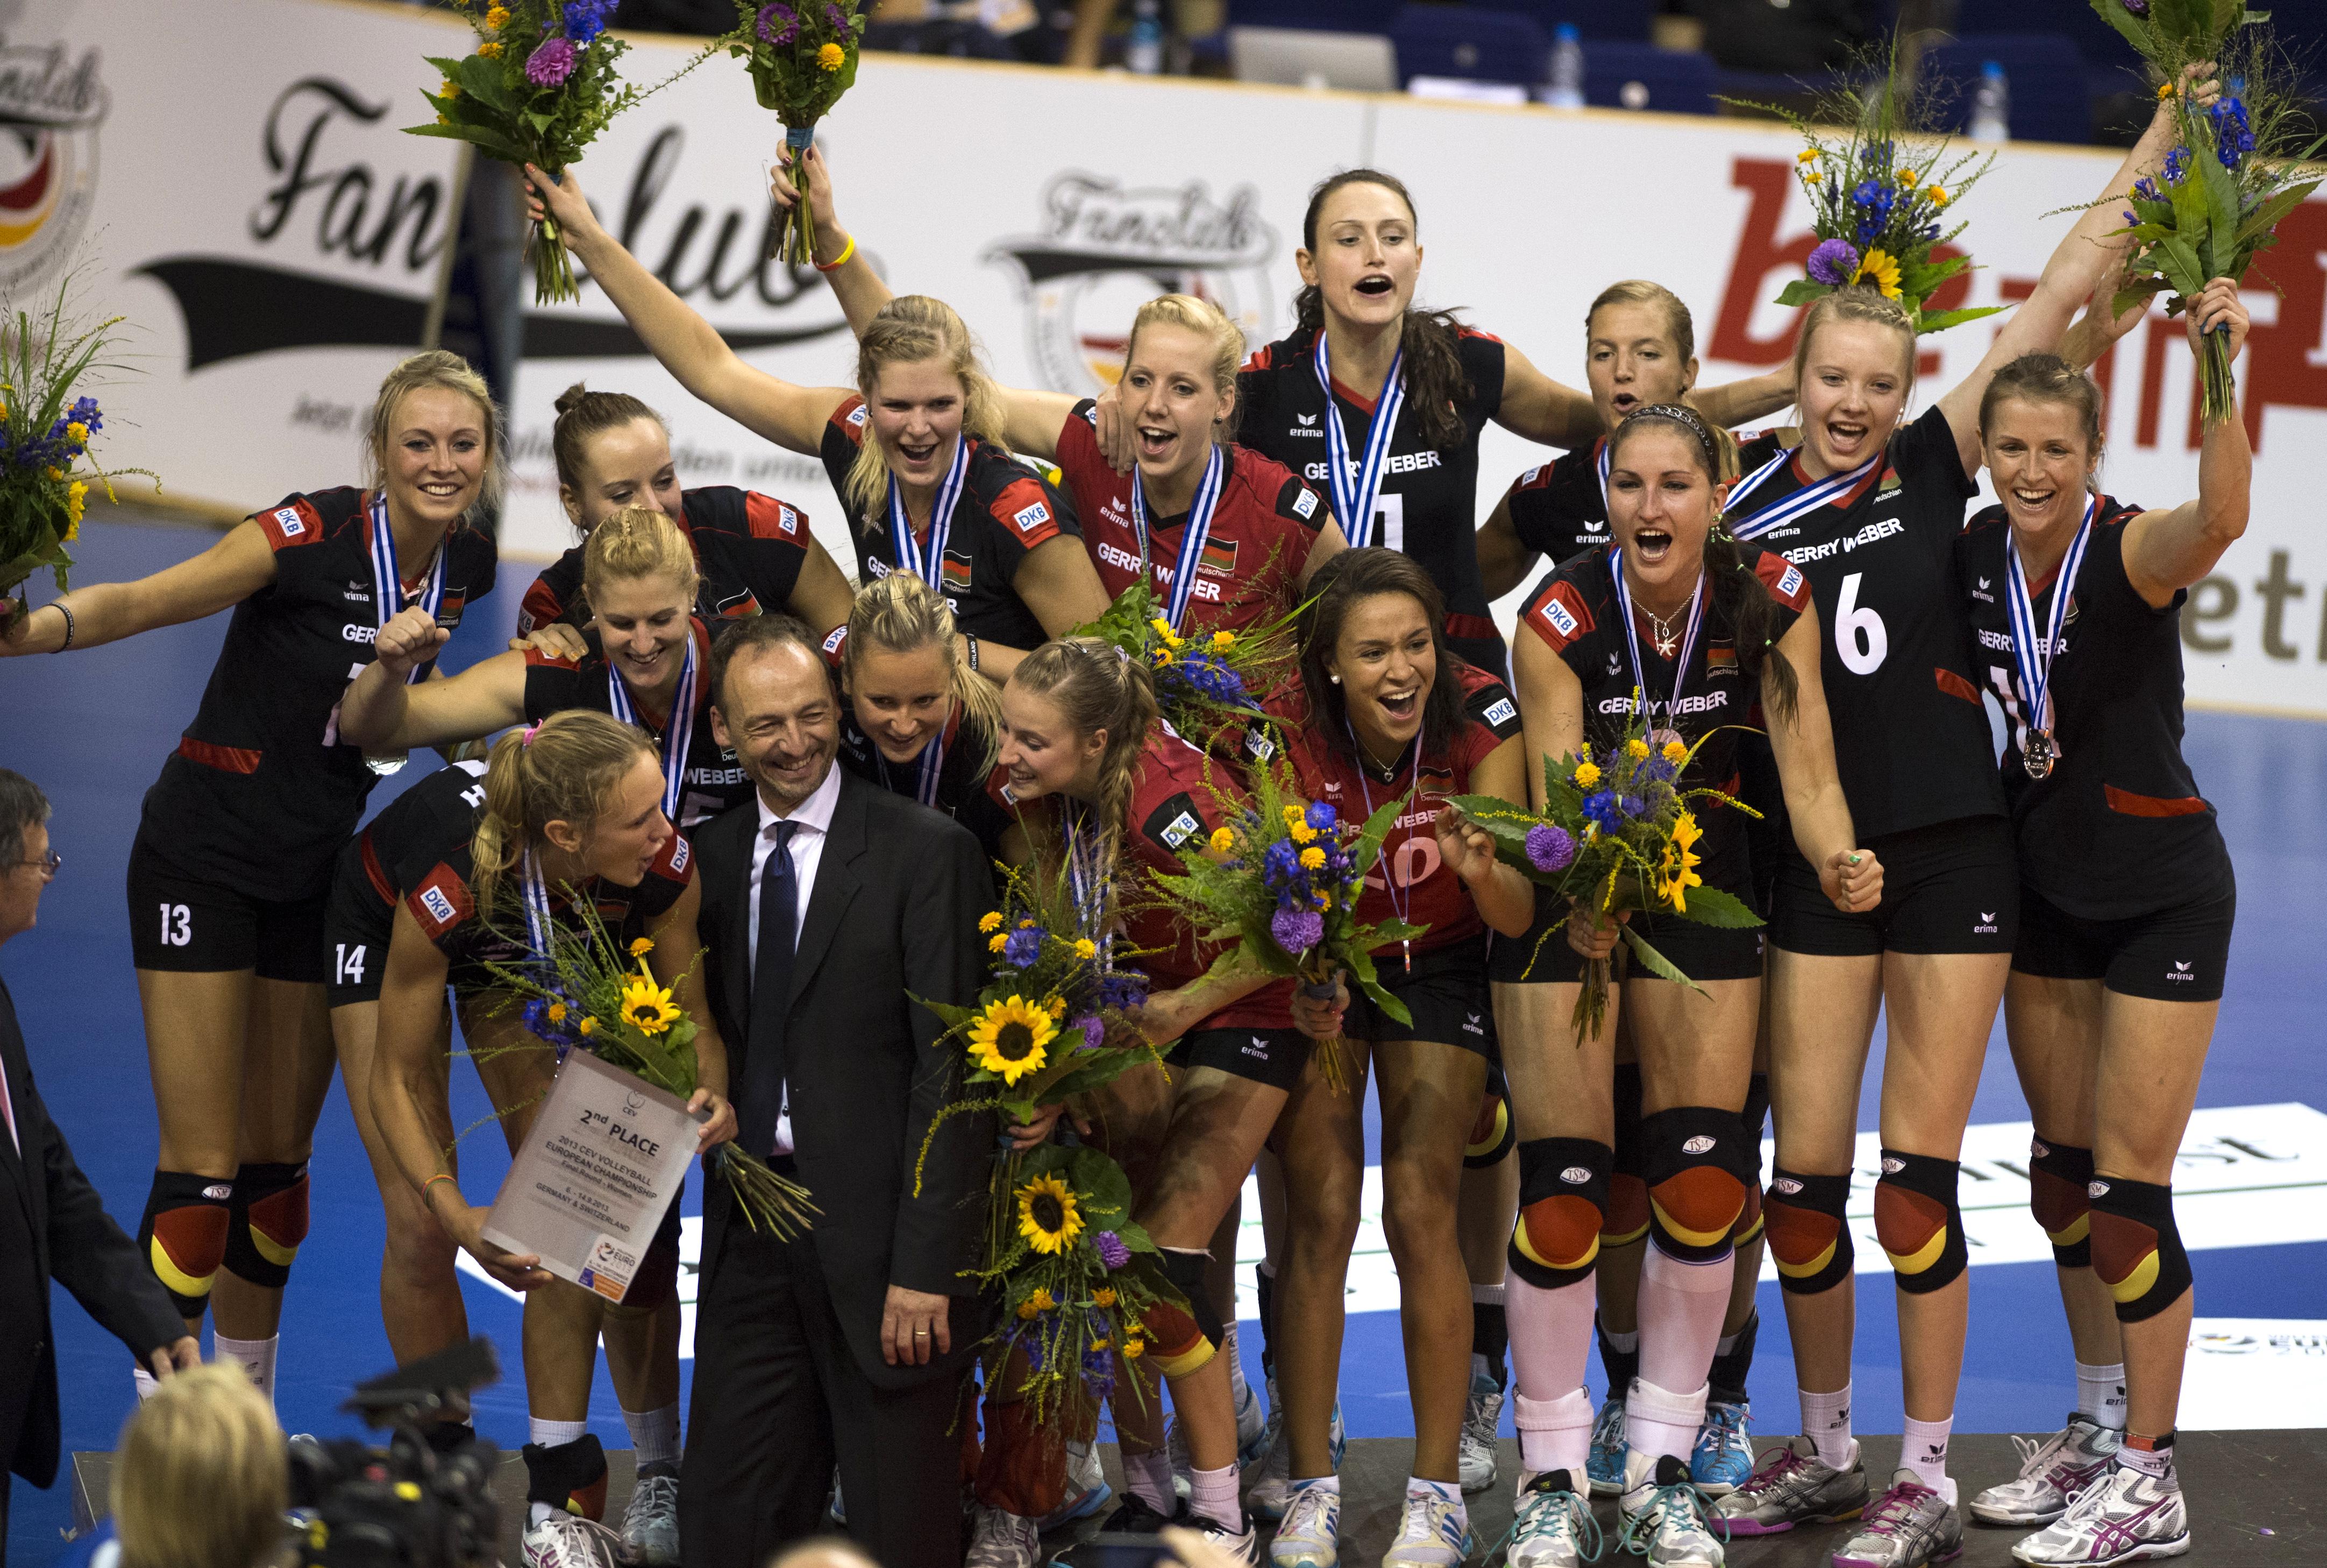 Live-Stream Volleyball WM Frauen Heute: Deutschland vs Dominikanische Republik , Live-Übertragung auf Sport1, Spielplan, Aufstellung, Gruppenaufteilung